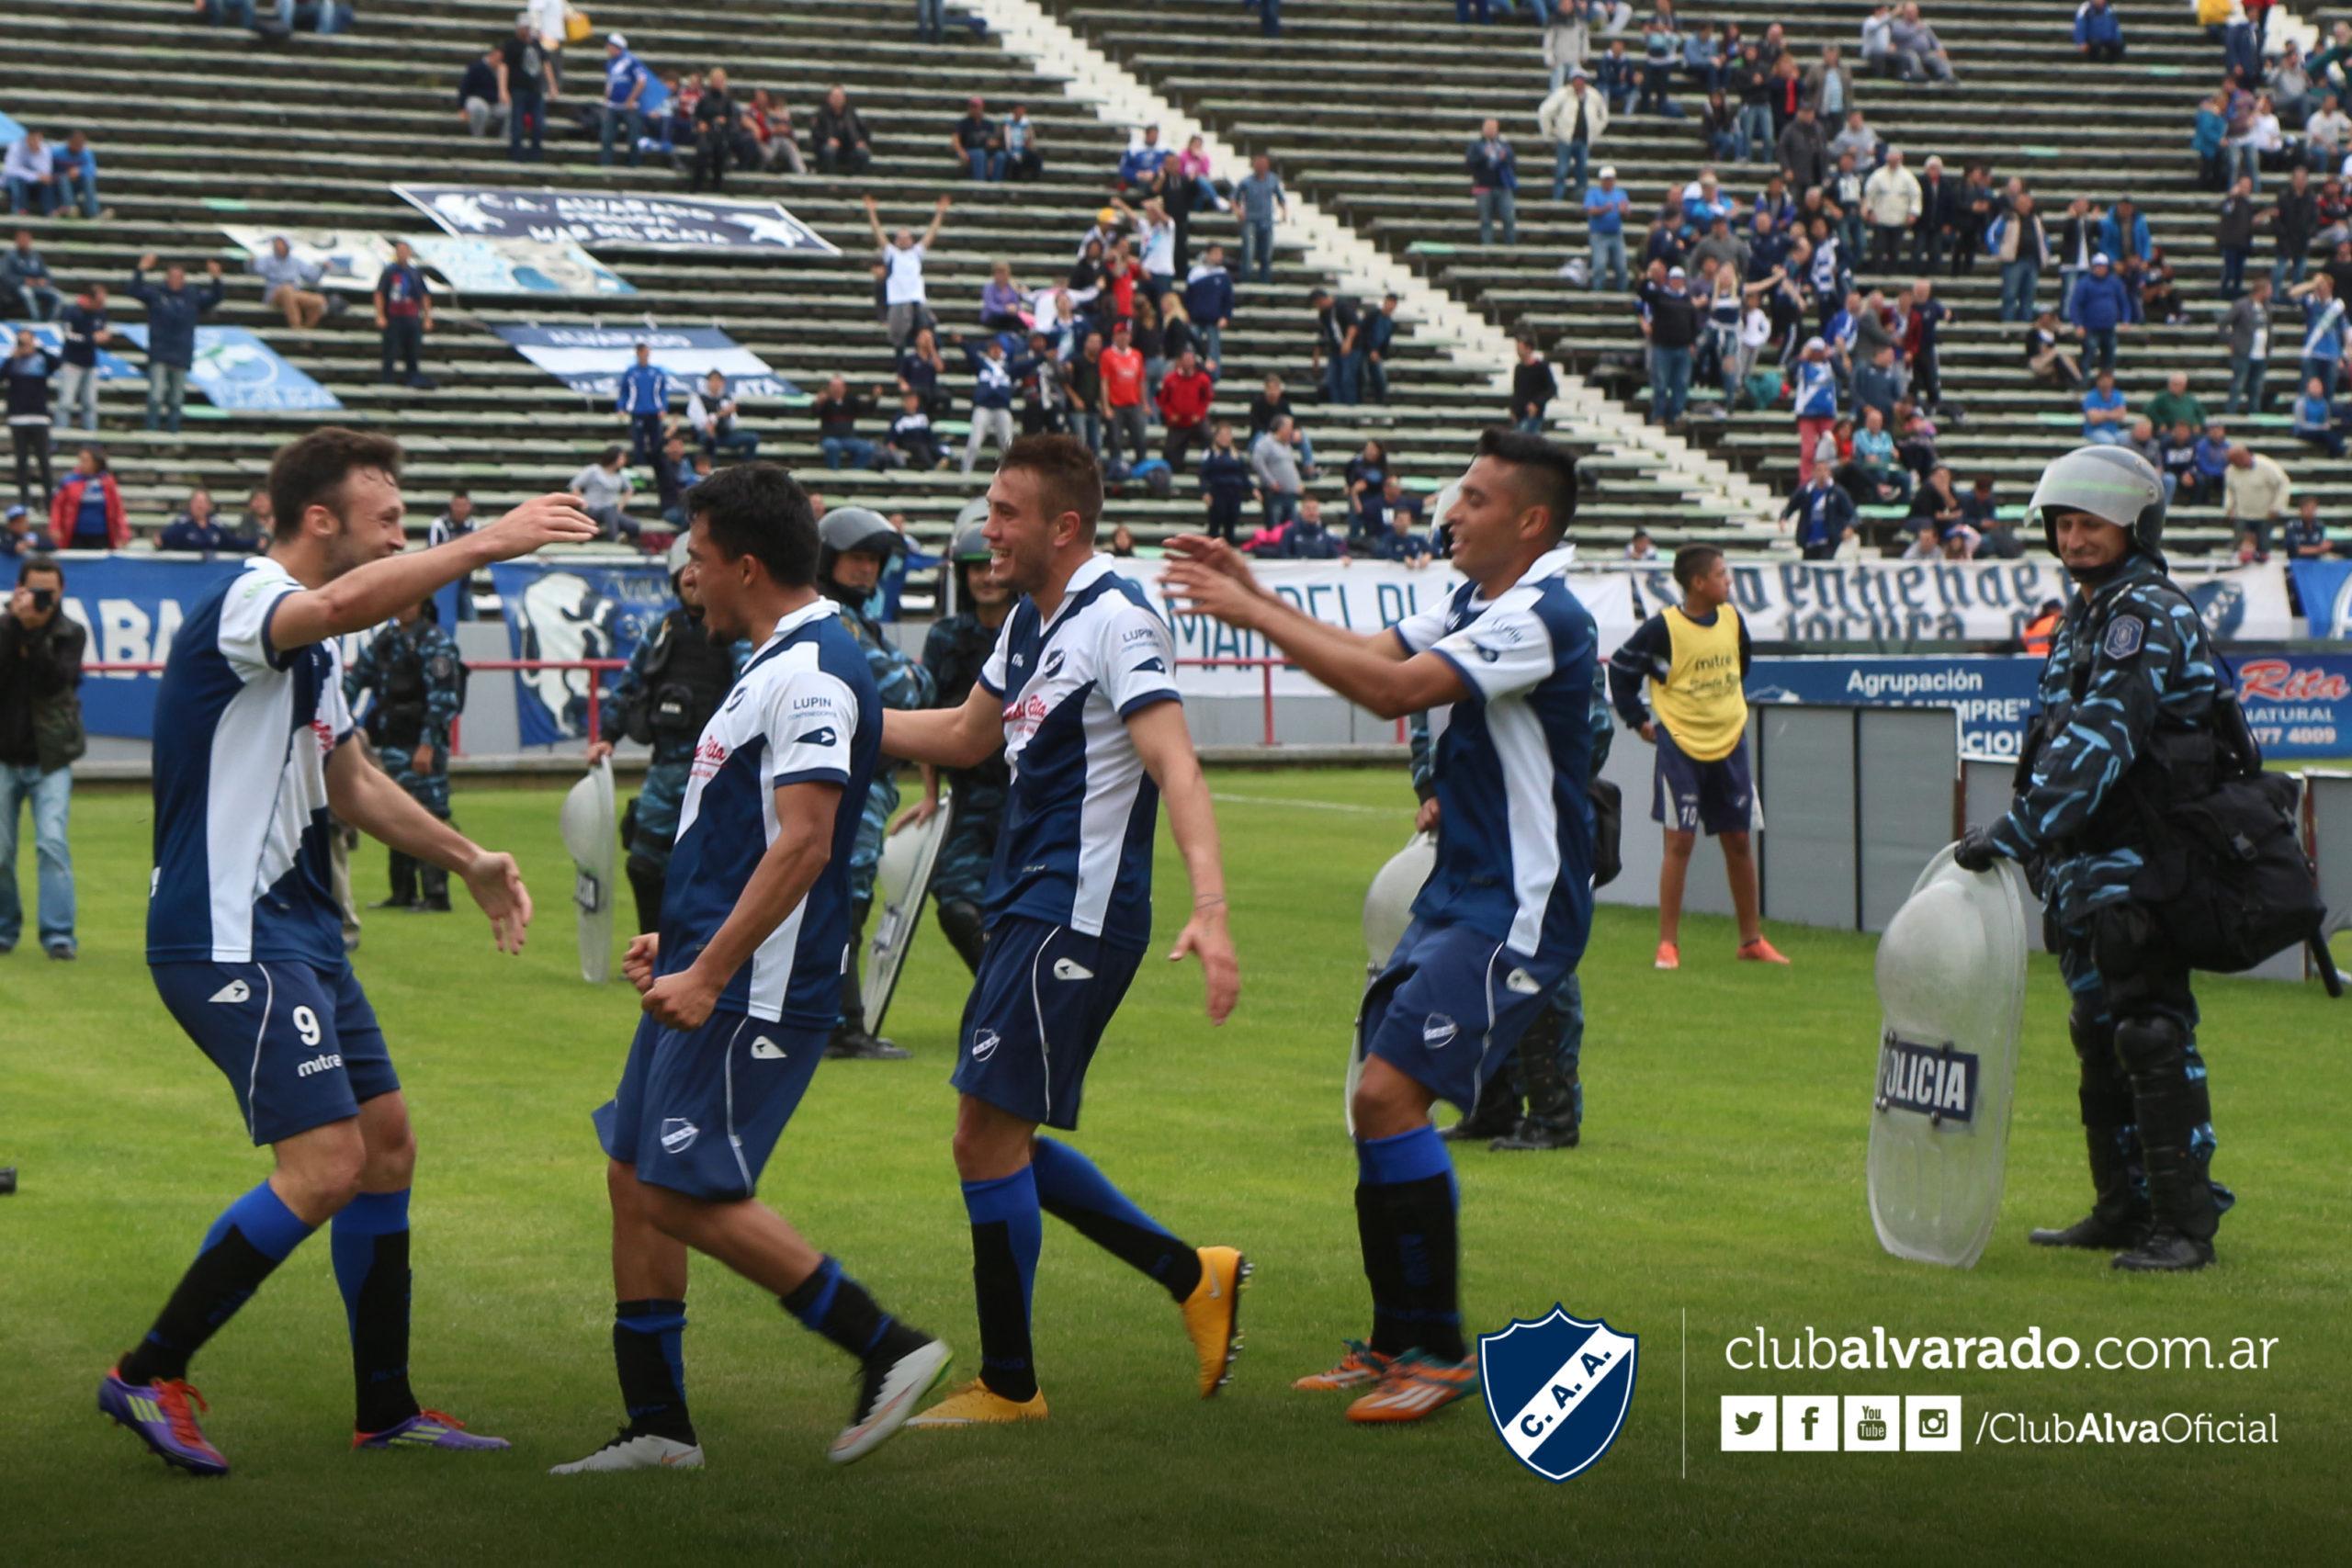 Alvarado lo iba ganando nuevamente, pero se lo empataron. (Foto: Rubén Sánchez - Club Alvarado)